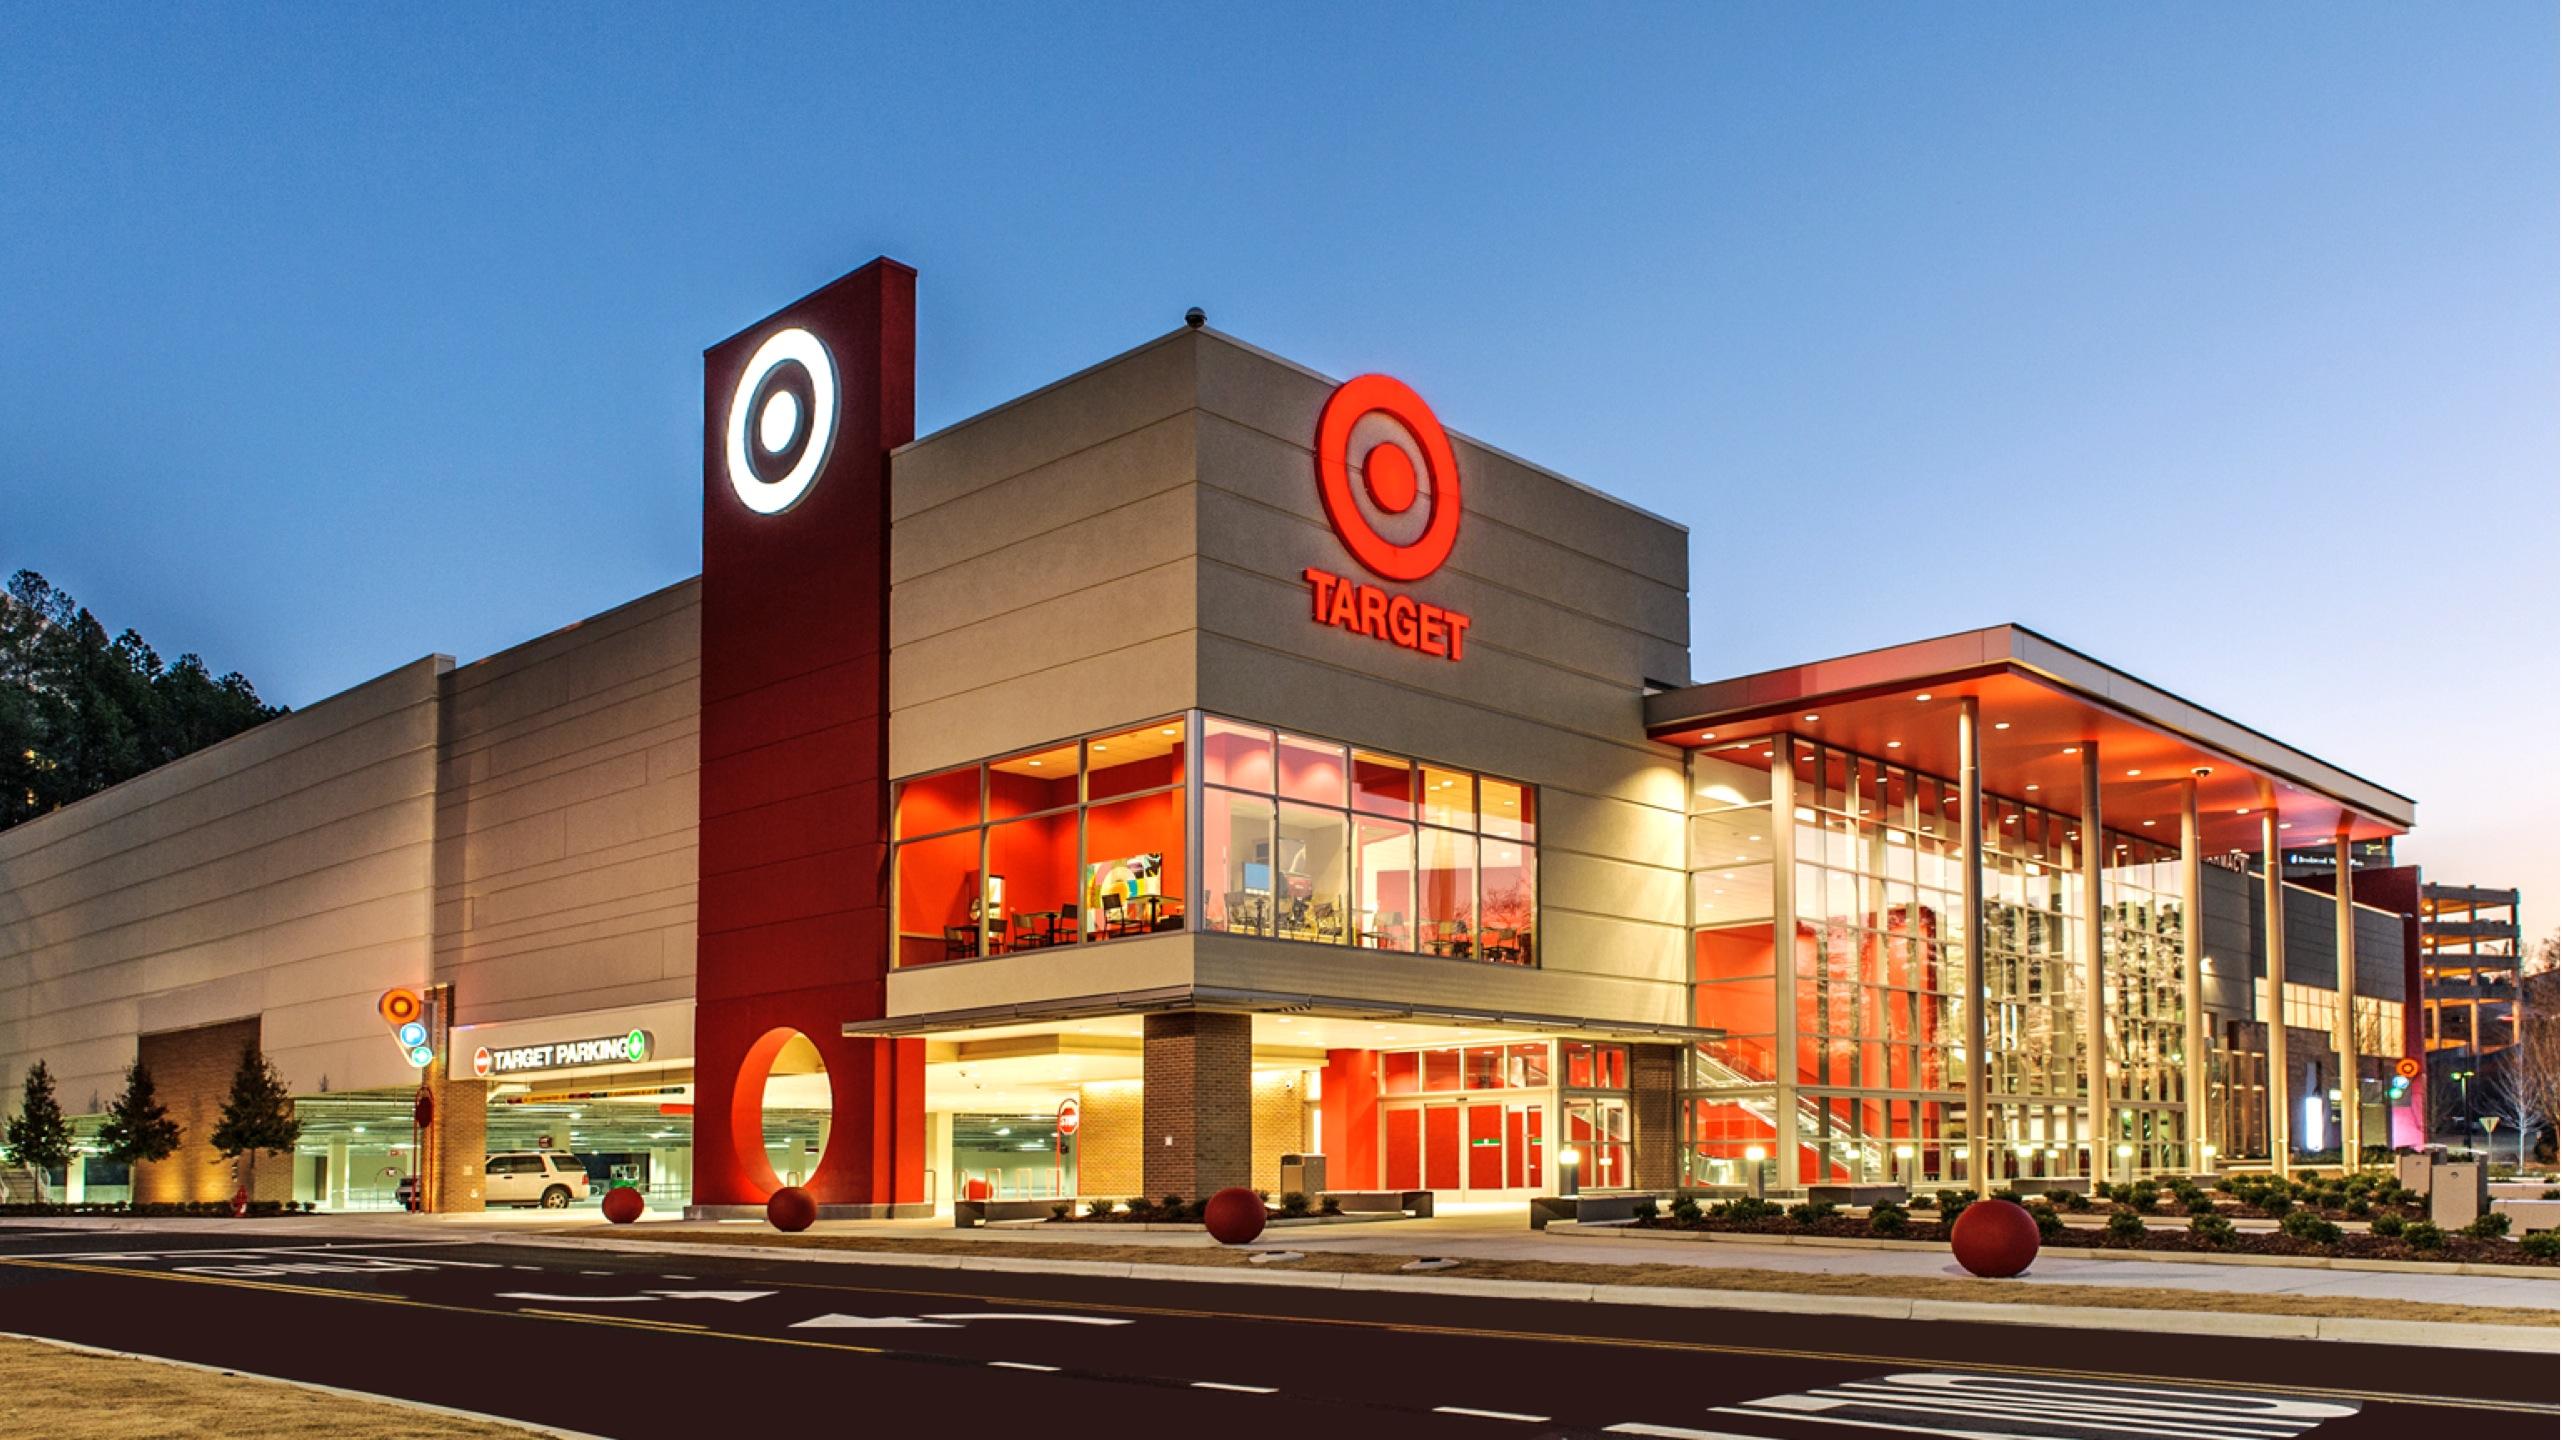 Best Target deals